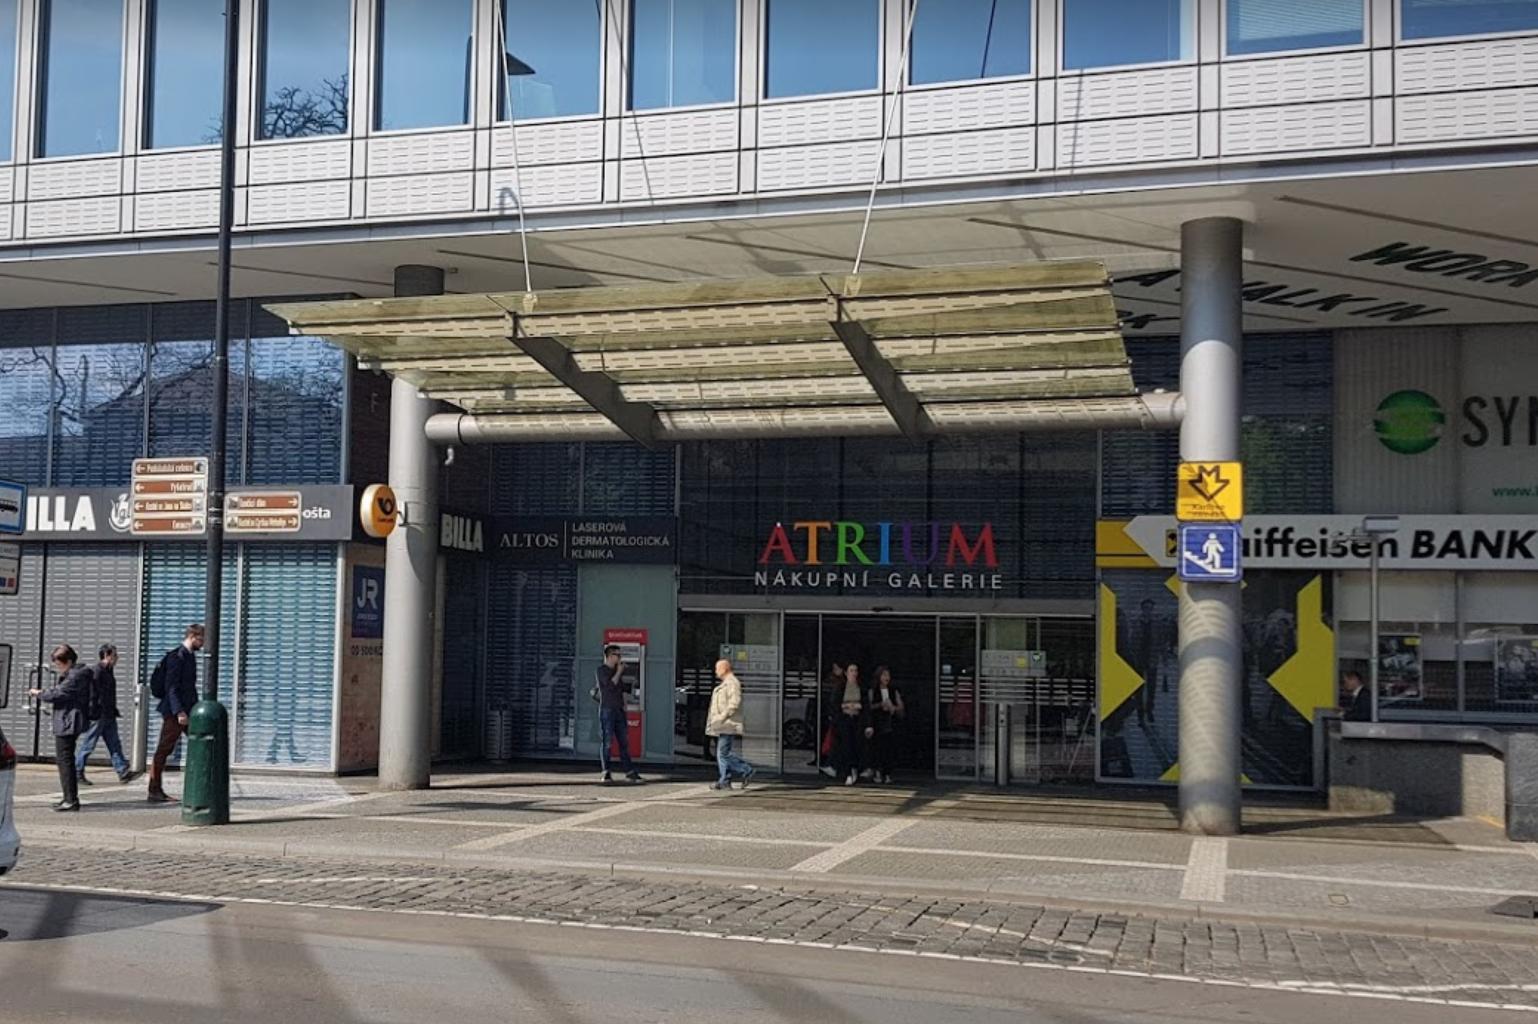 Торговый центр Atrium Karlovo Náměstí (Атриум Карлово Намести) в Праге